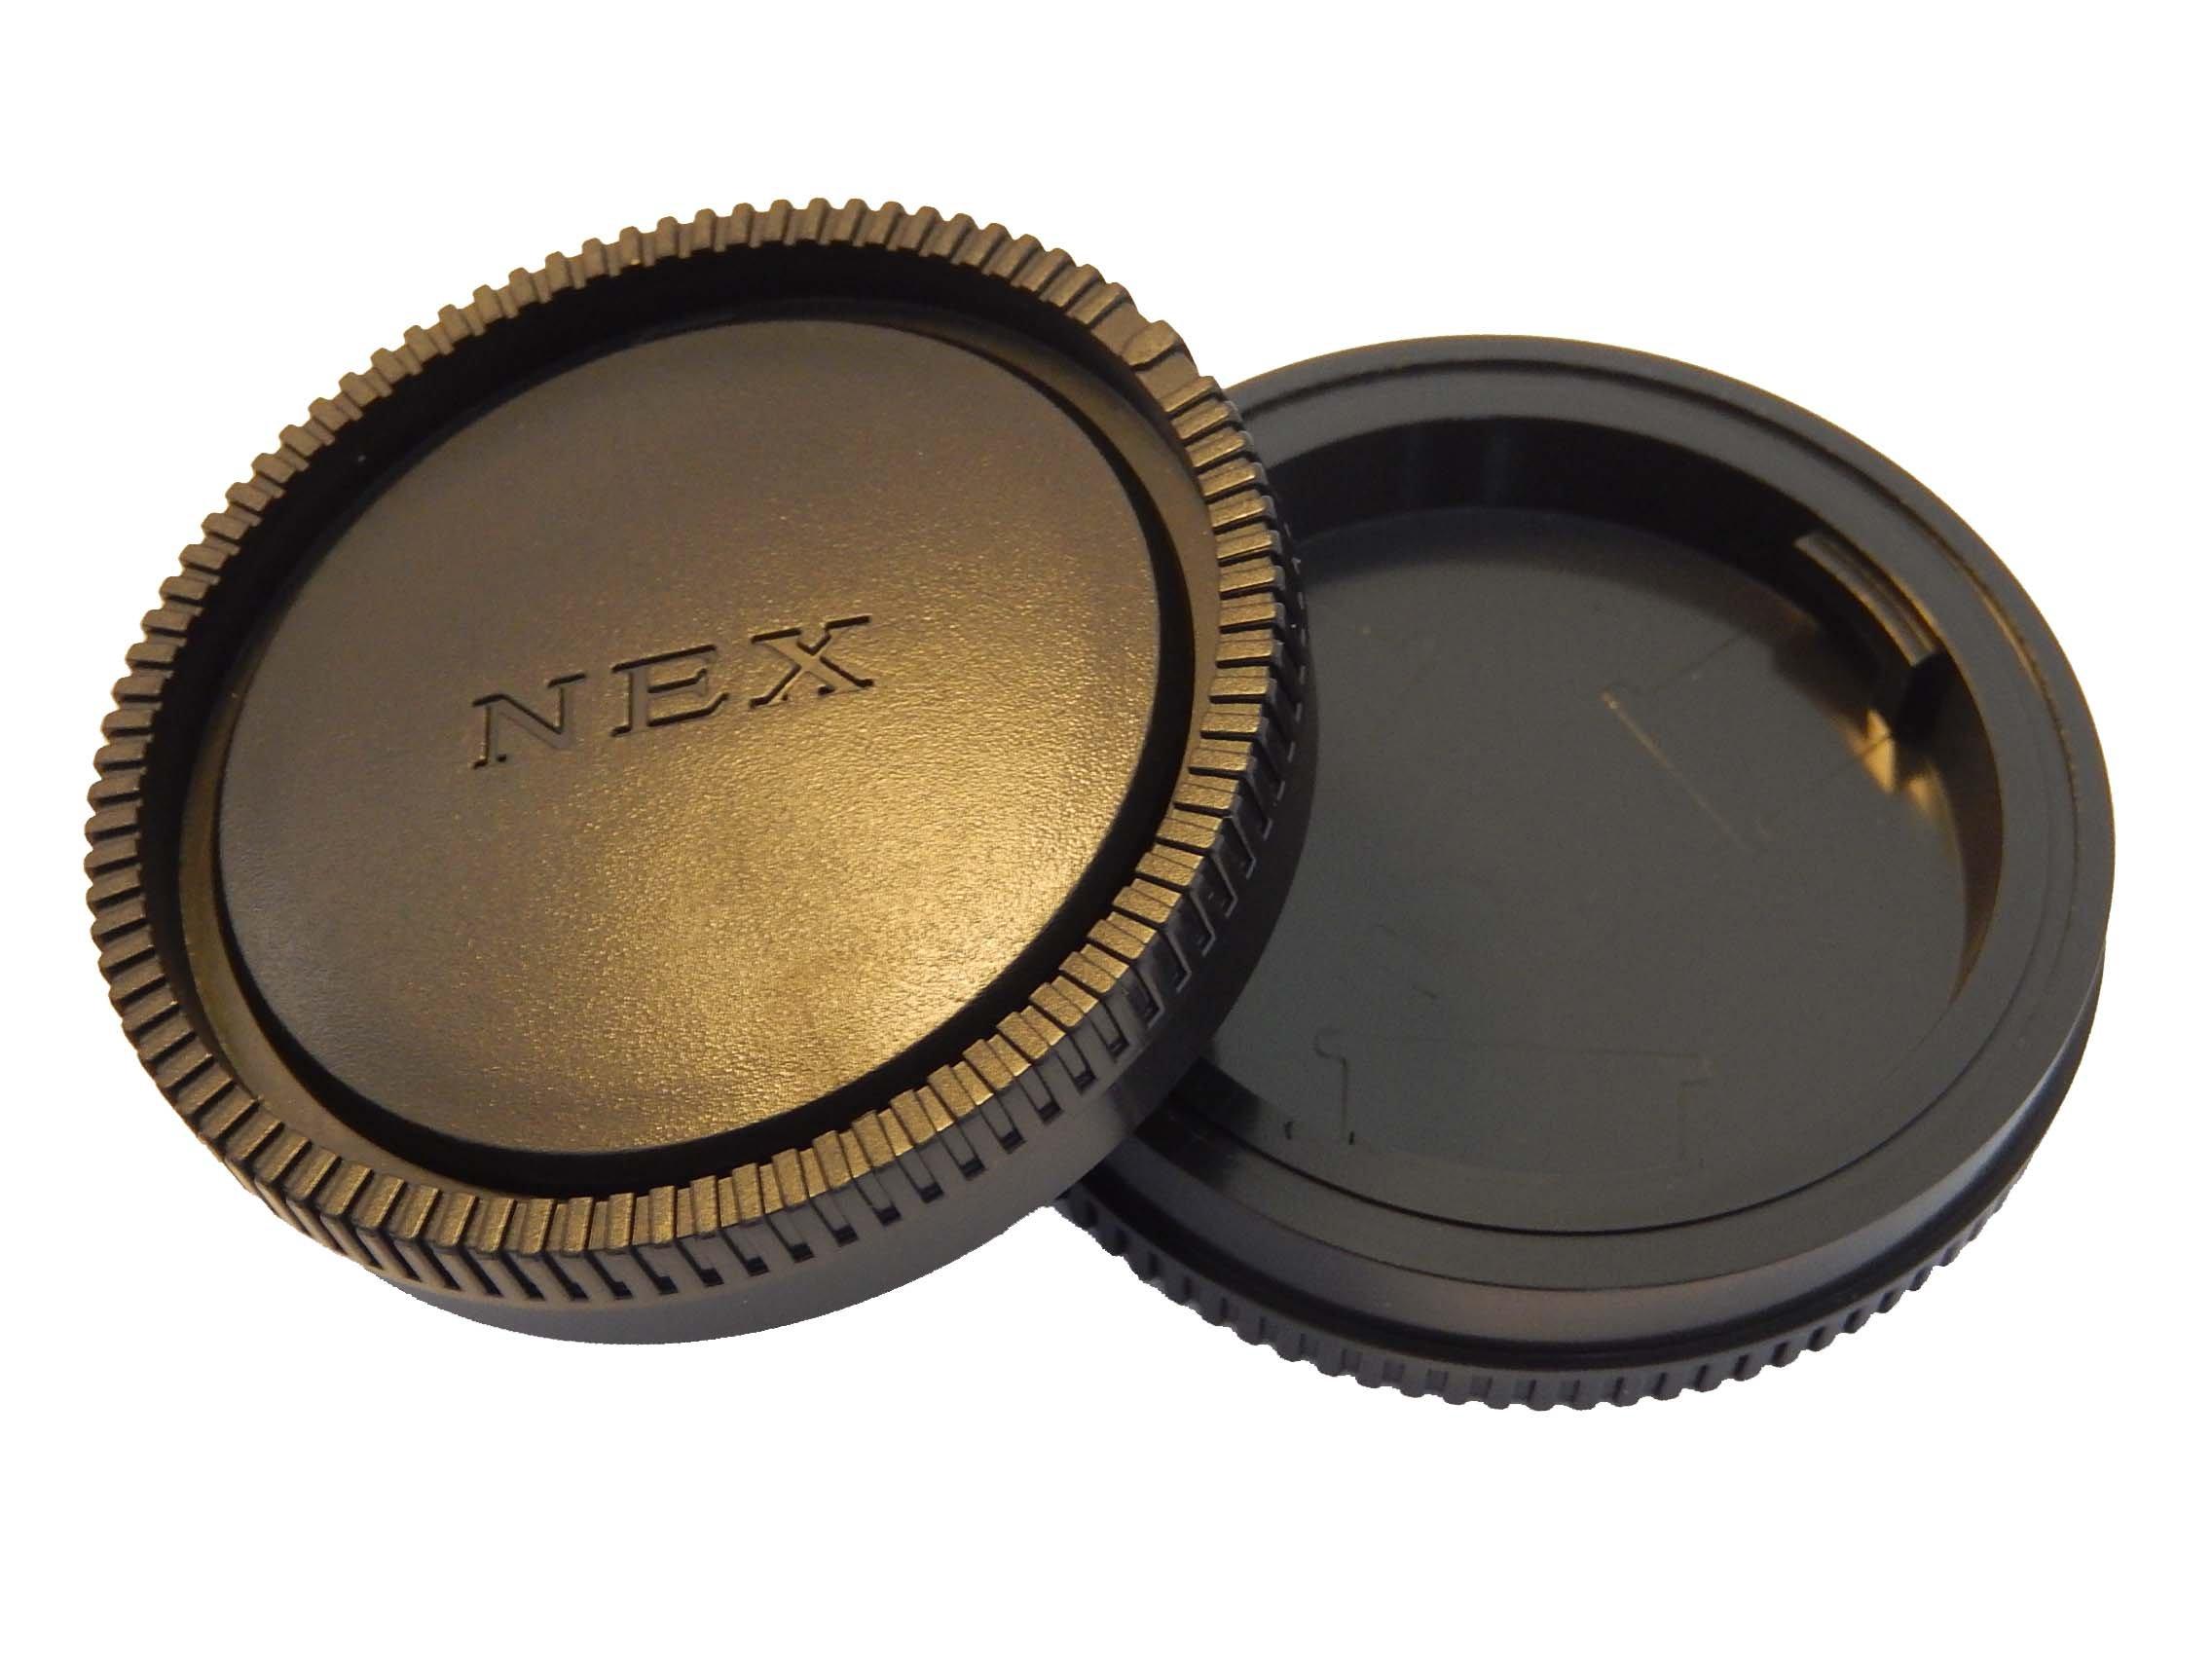 Copri Obiettivo VHBW per Fotocamera Sony NEX 7, NEX 5N, NEX C3, NEX 5, NEX 3, NEX 6, NEX 5R, NEX F3